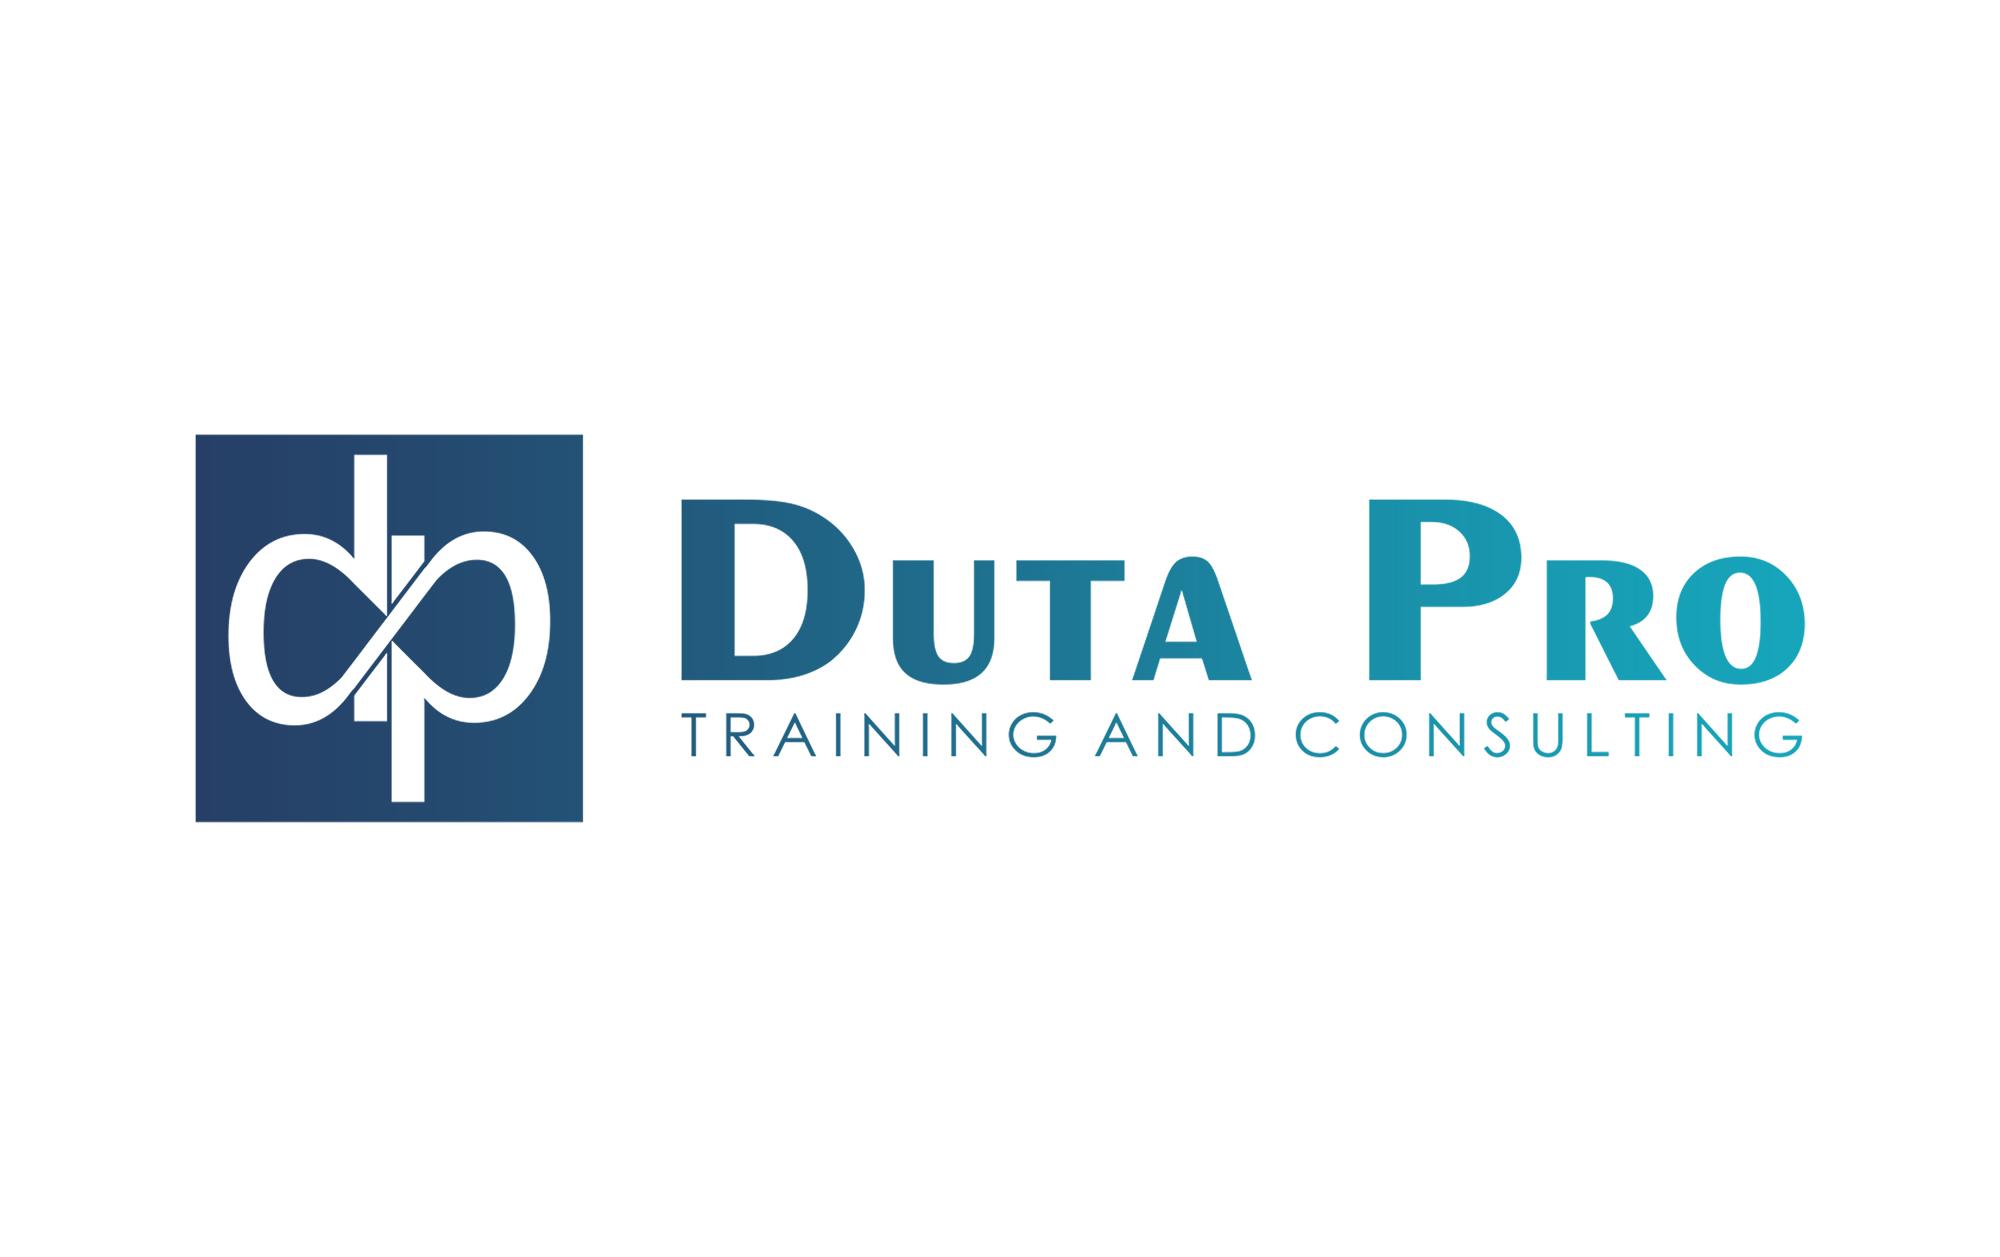 Galeri Website duta pro f - Dapatkan Penawaran Training Terbaik!